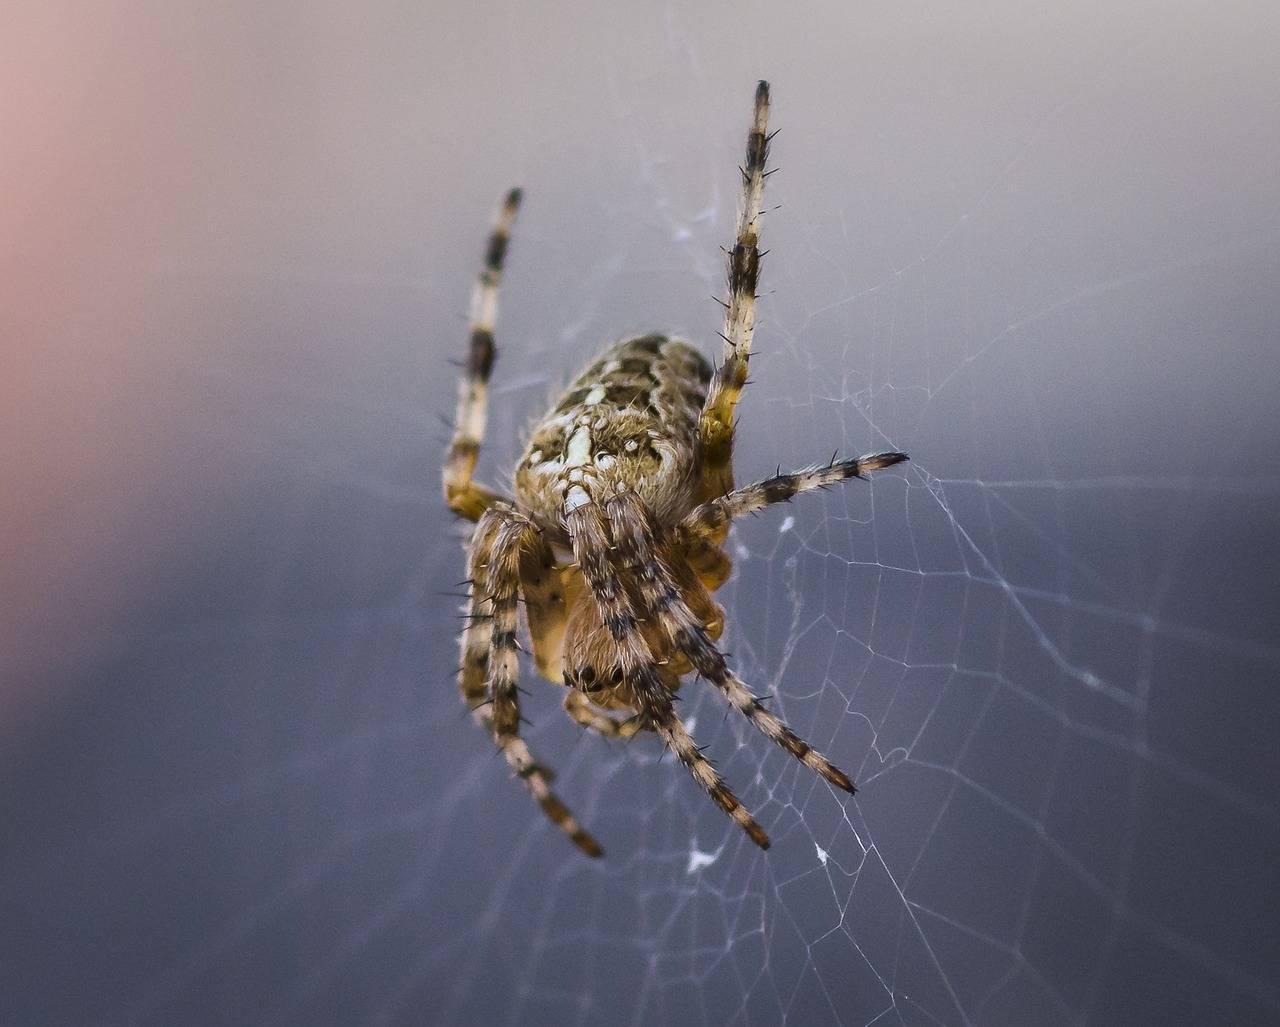 Ядовитые пауки россии: фото и названия самых опасных представителей